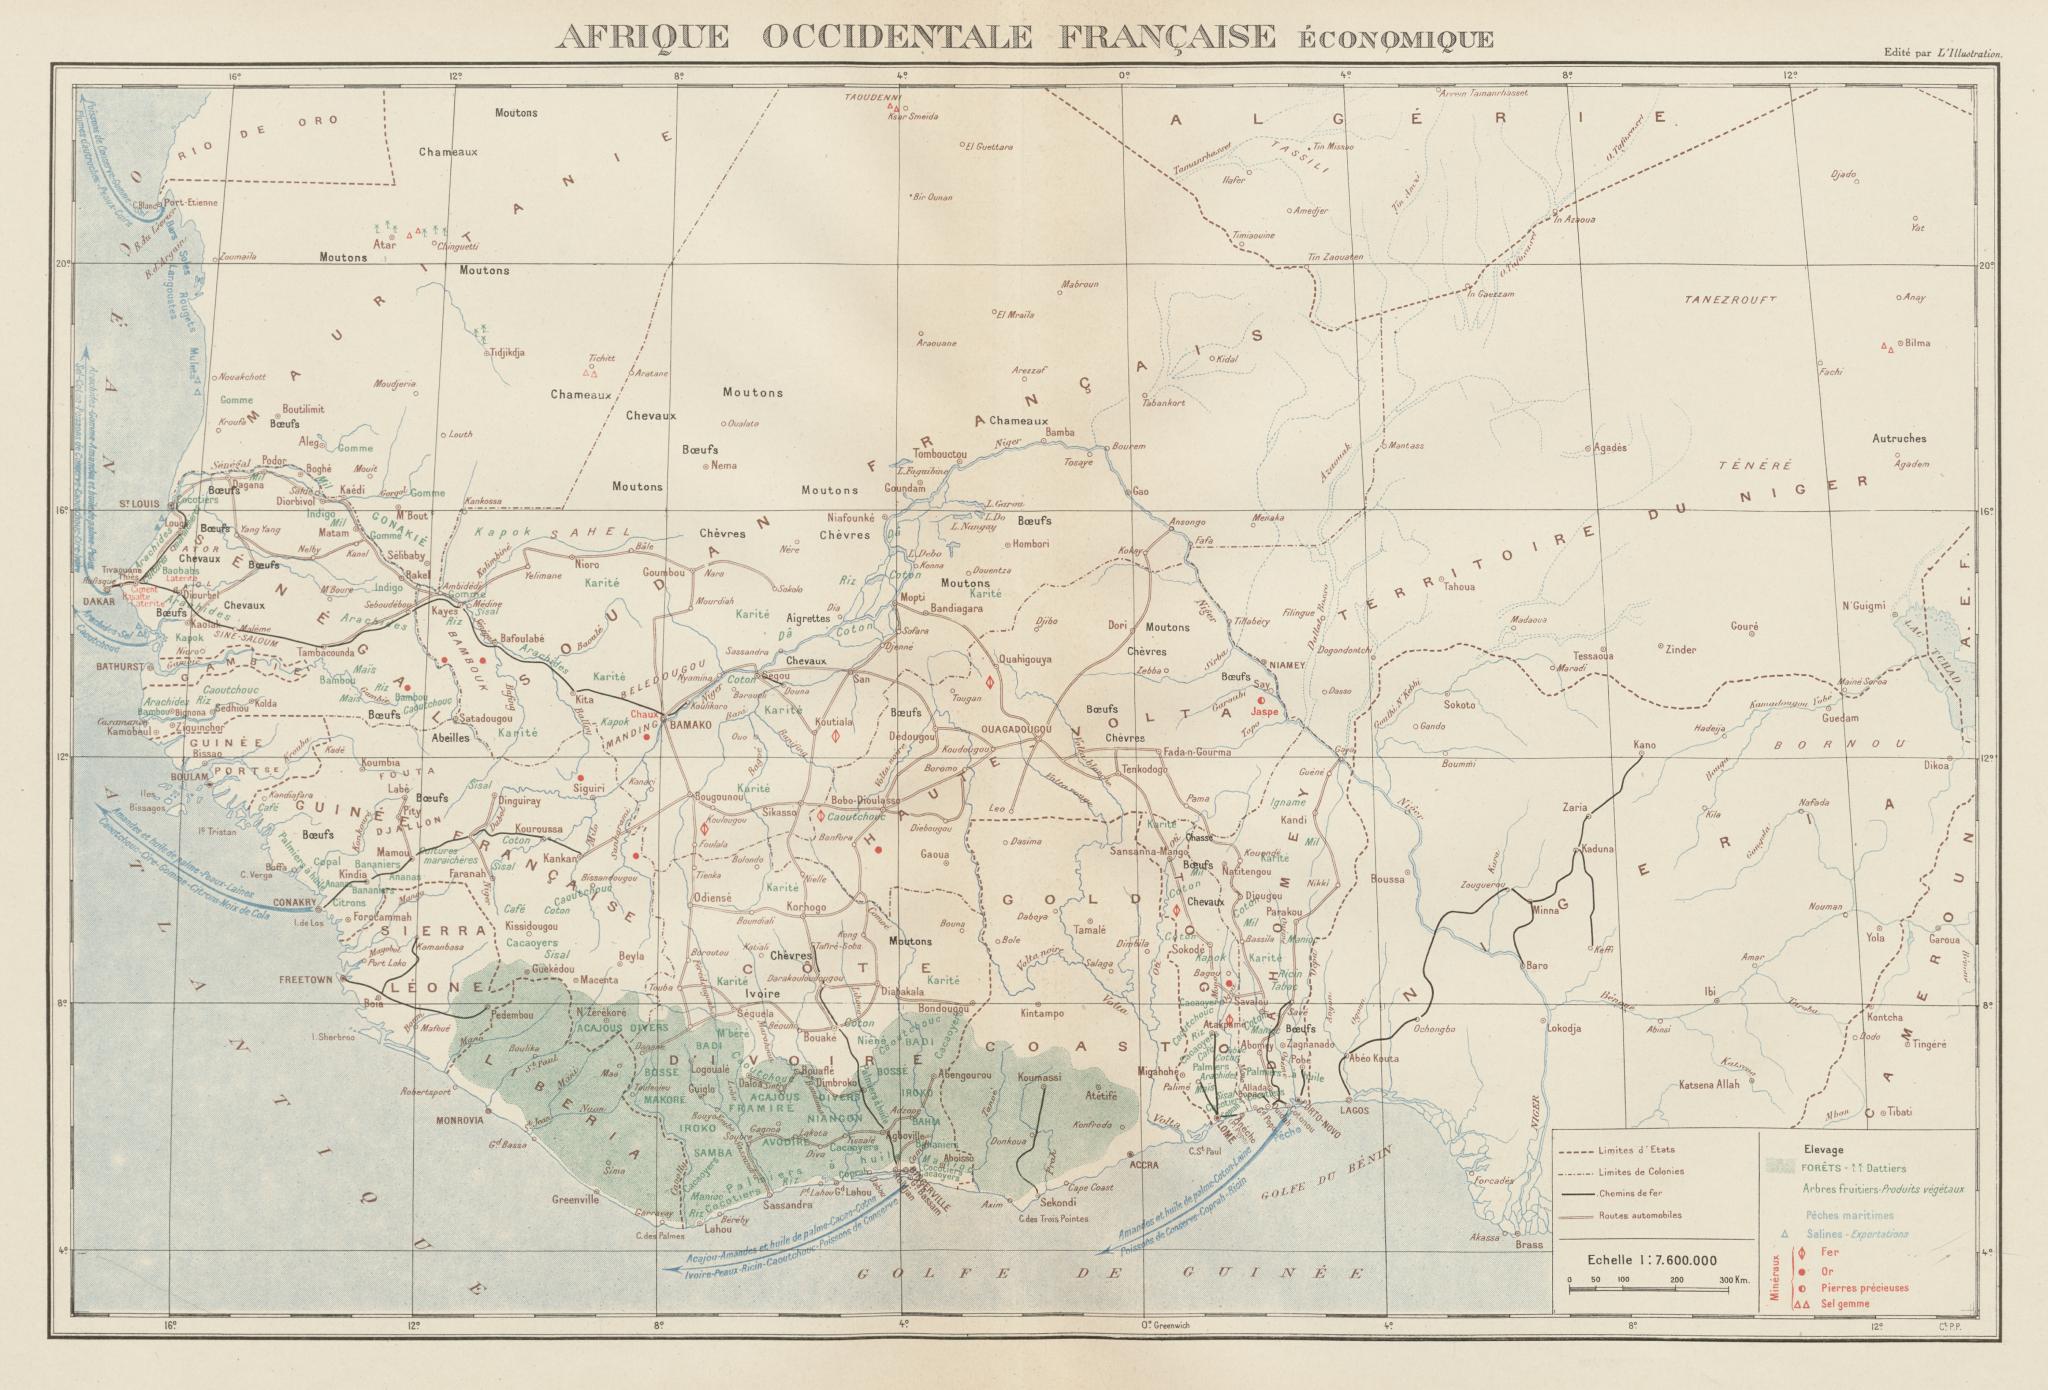 Associate Product FRENCH WEST AFRICA RESOURCES. Afrique Occidentale Française economique 1929 map